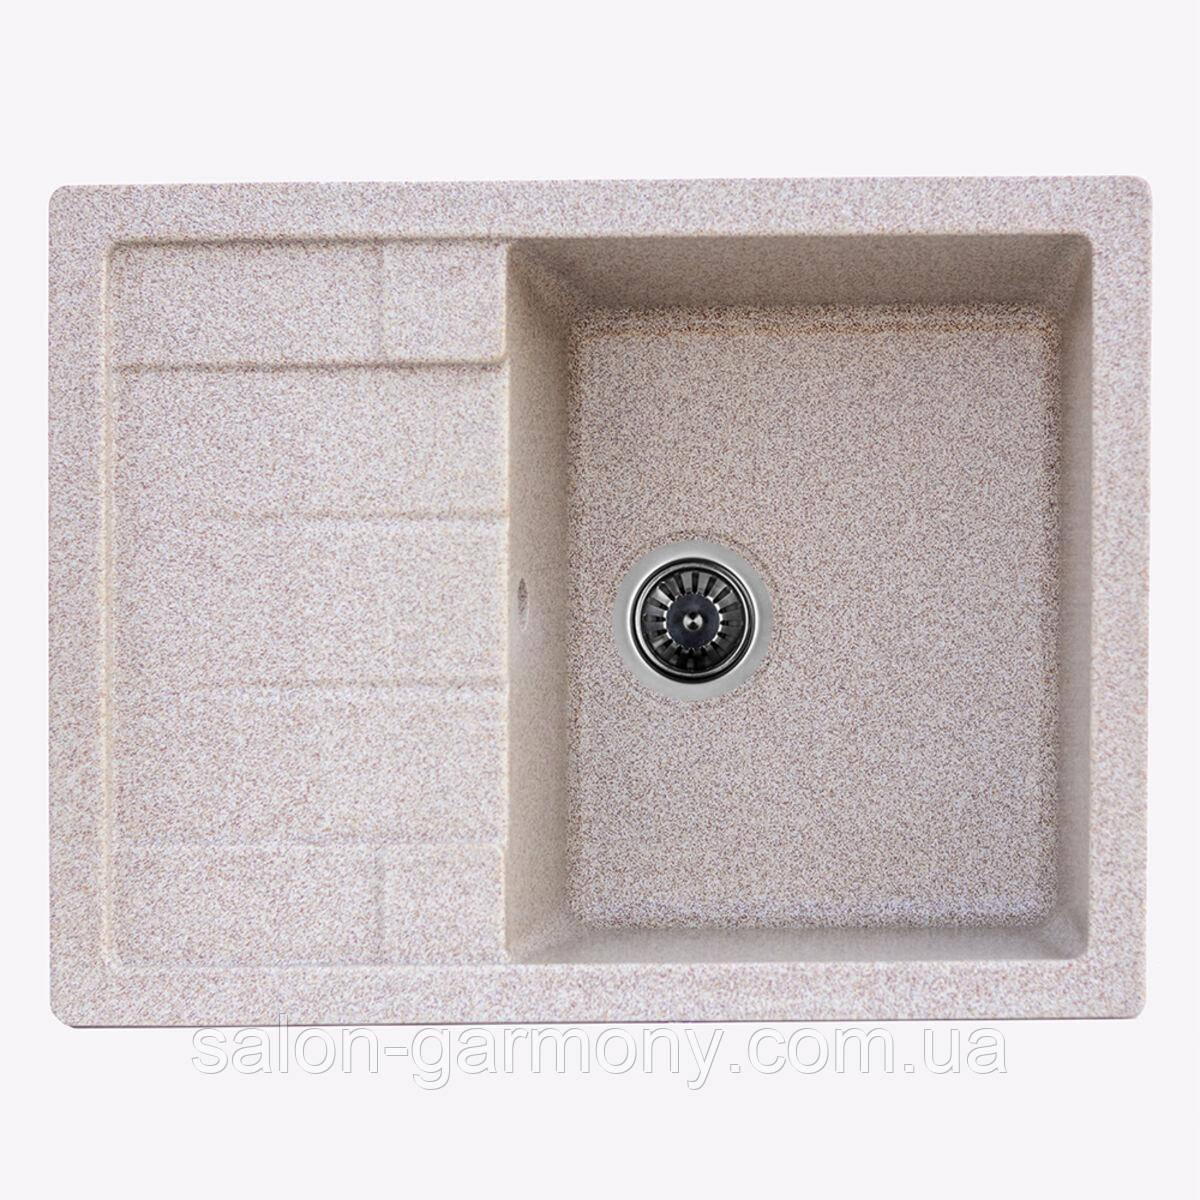 Гранітна мийка для кухні Platinum 6550 LOTOS глянець Карамель